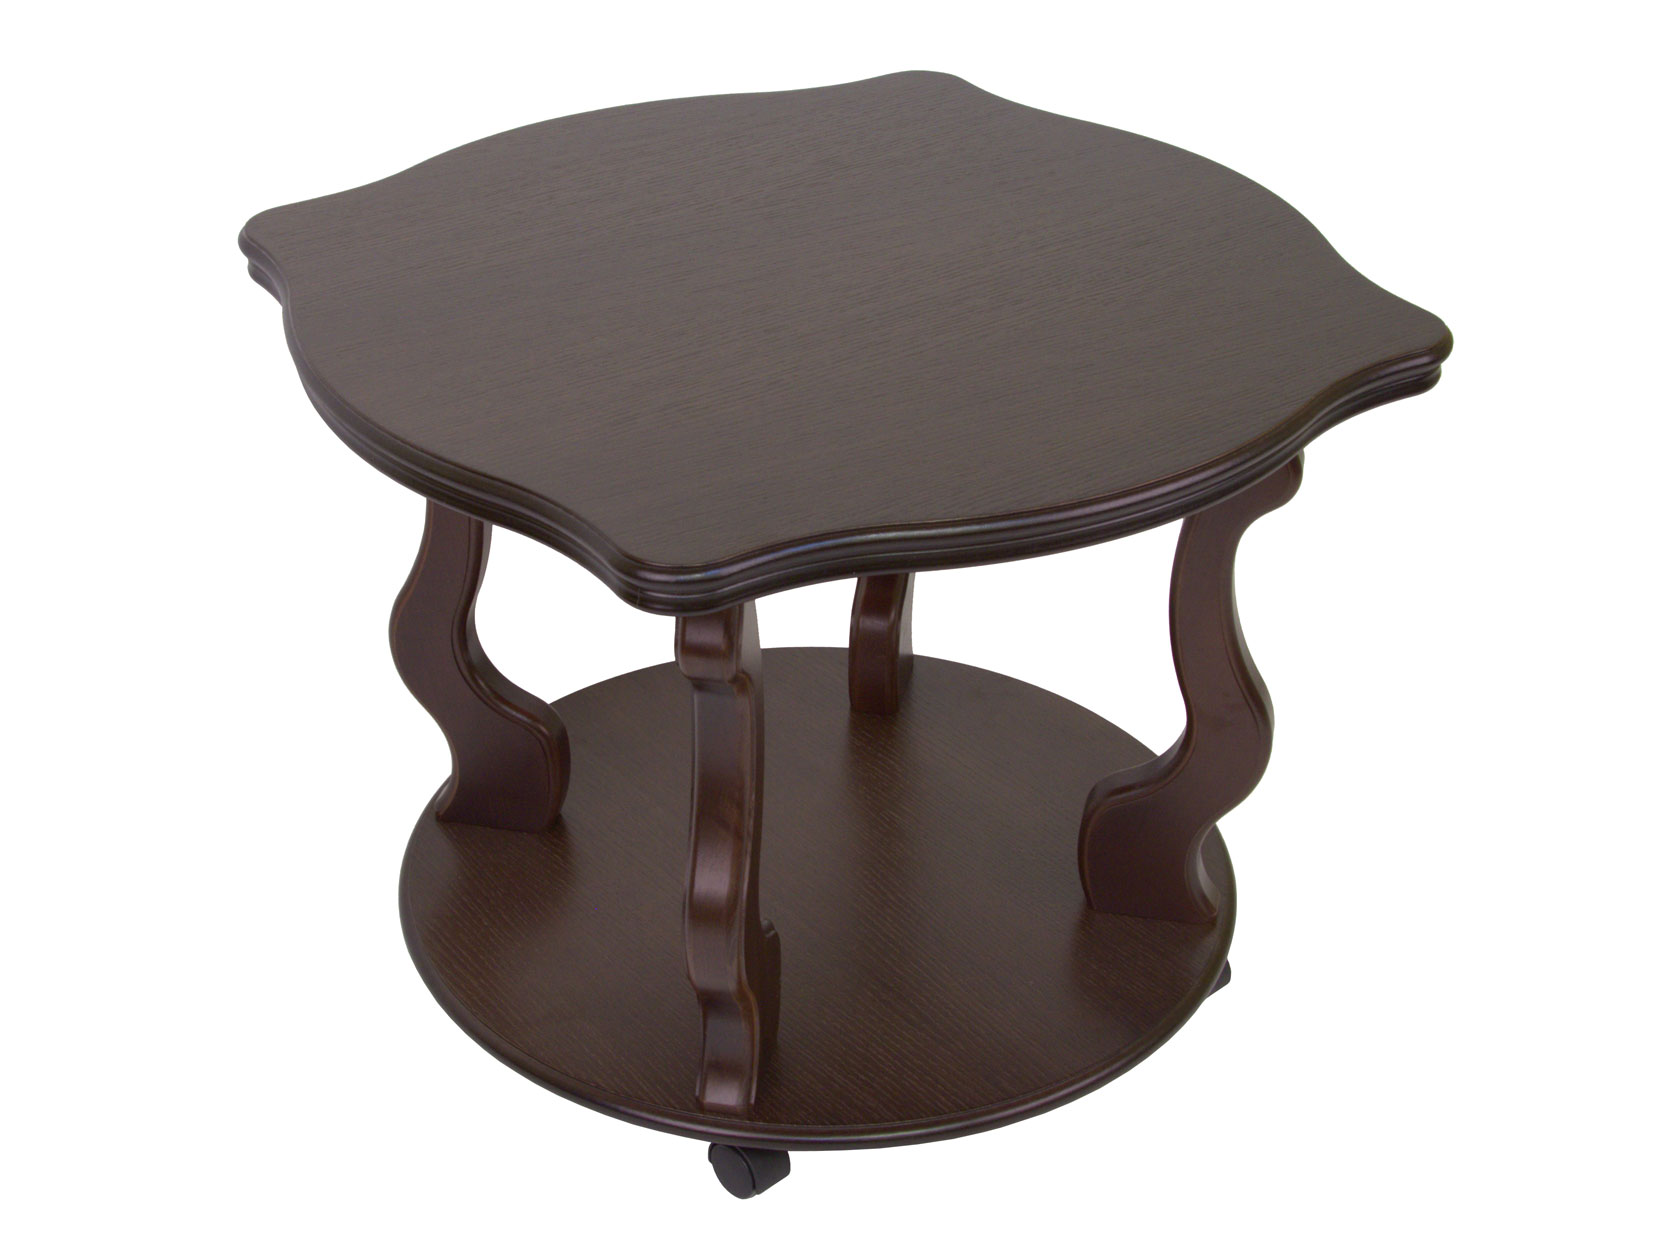 Журнальный стол из массива дерева 164-103027